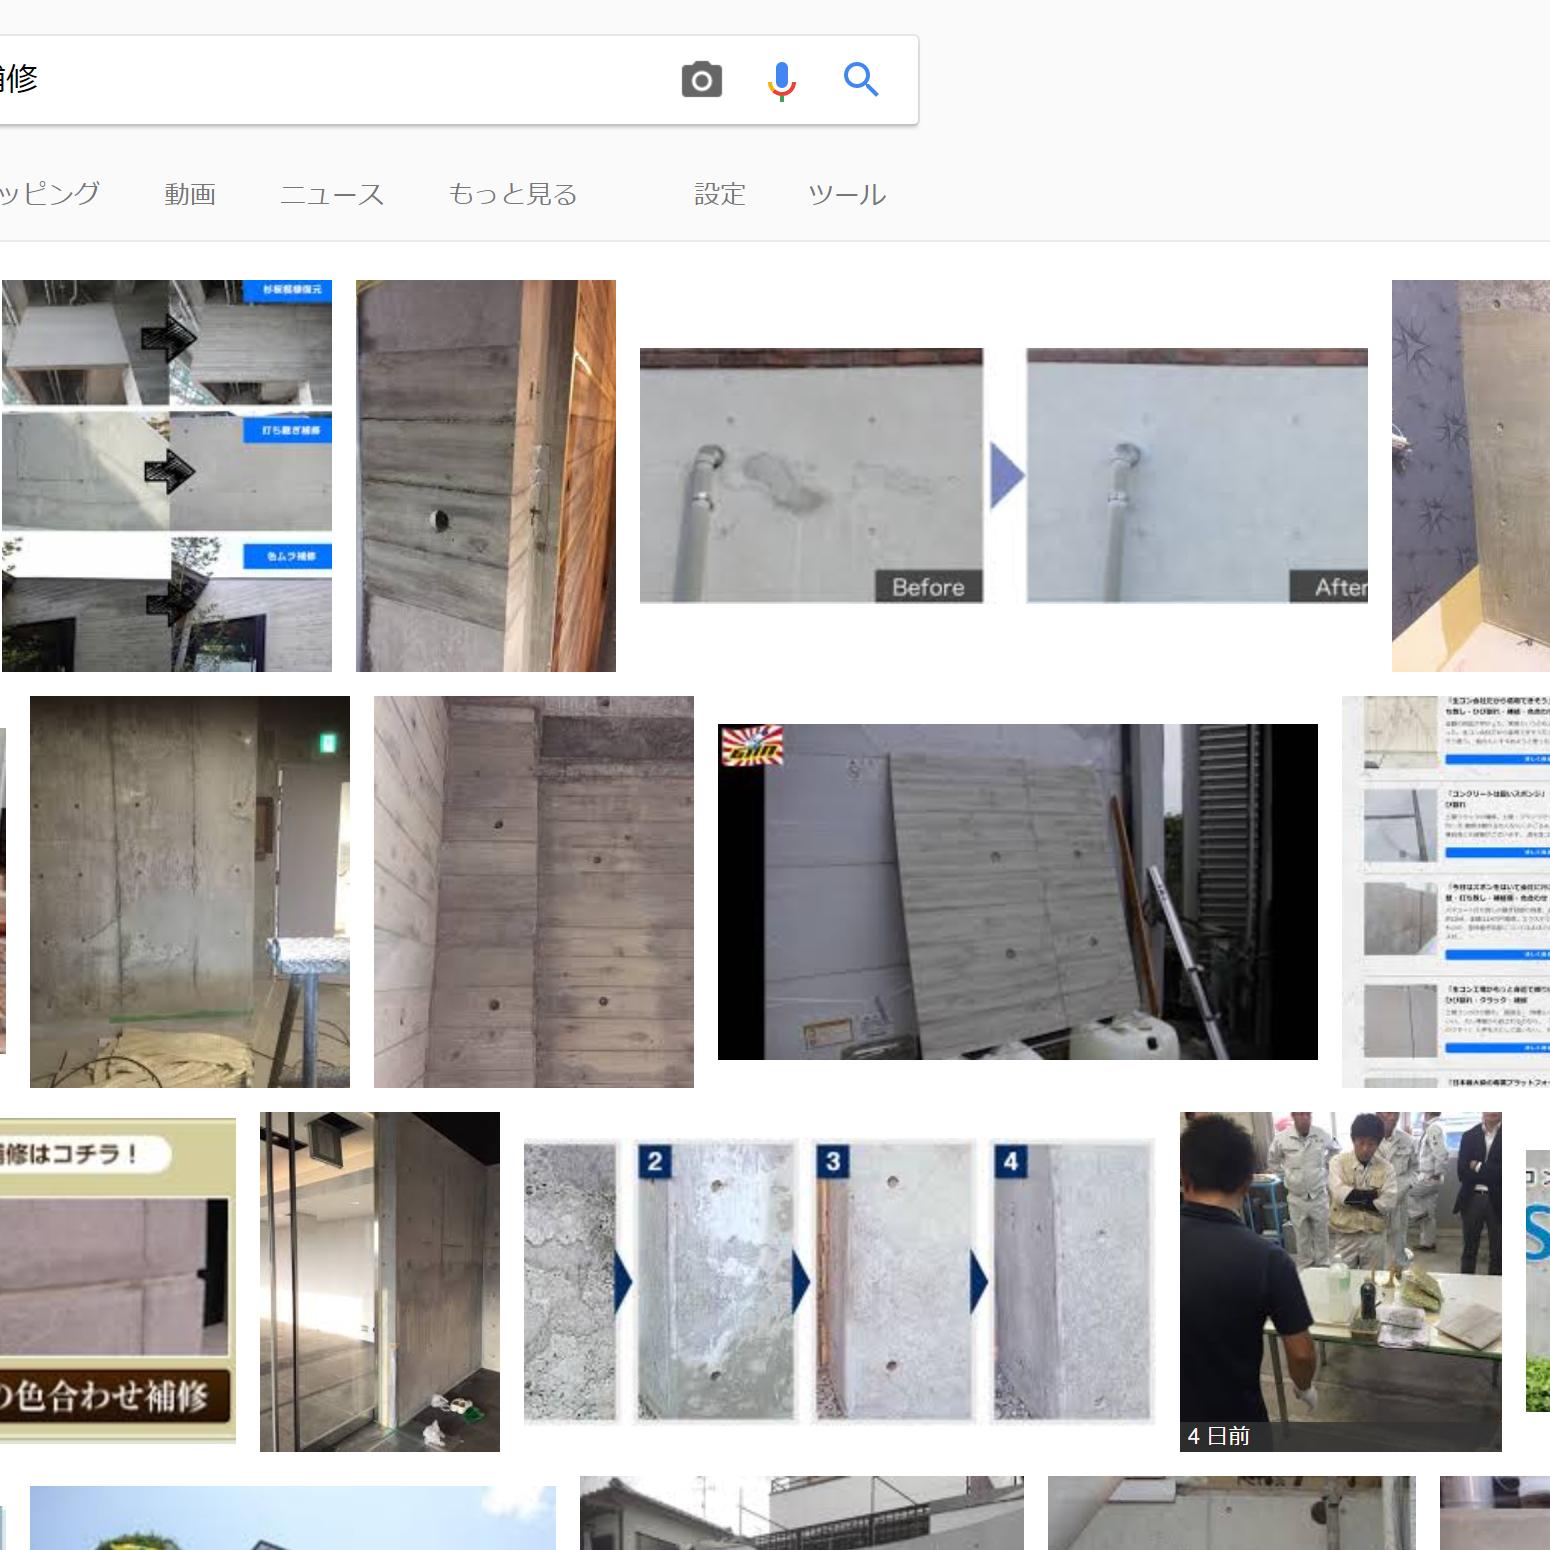 「なにわの色合わせ体験会」 大阪・体験会・打ち放しコンクリート・補修